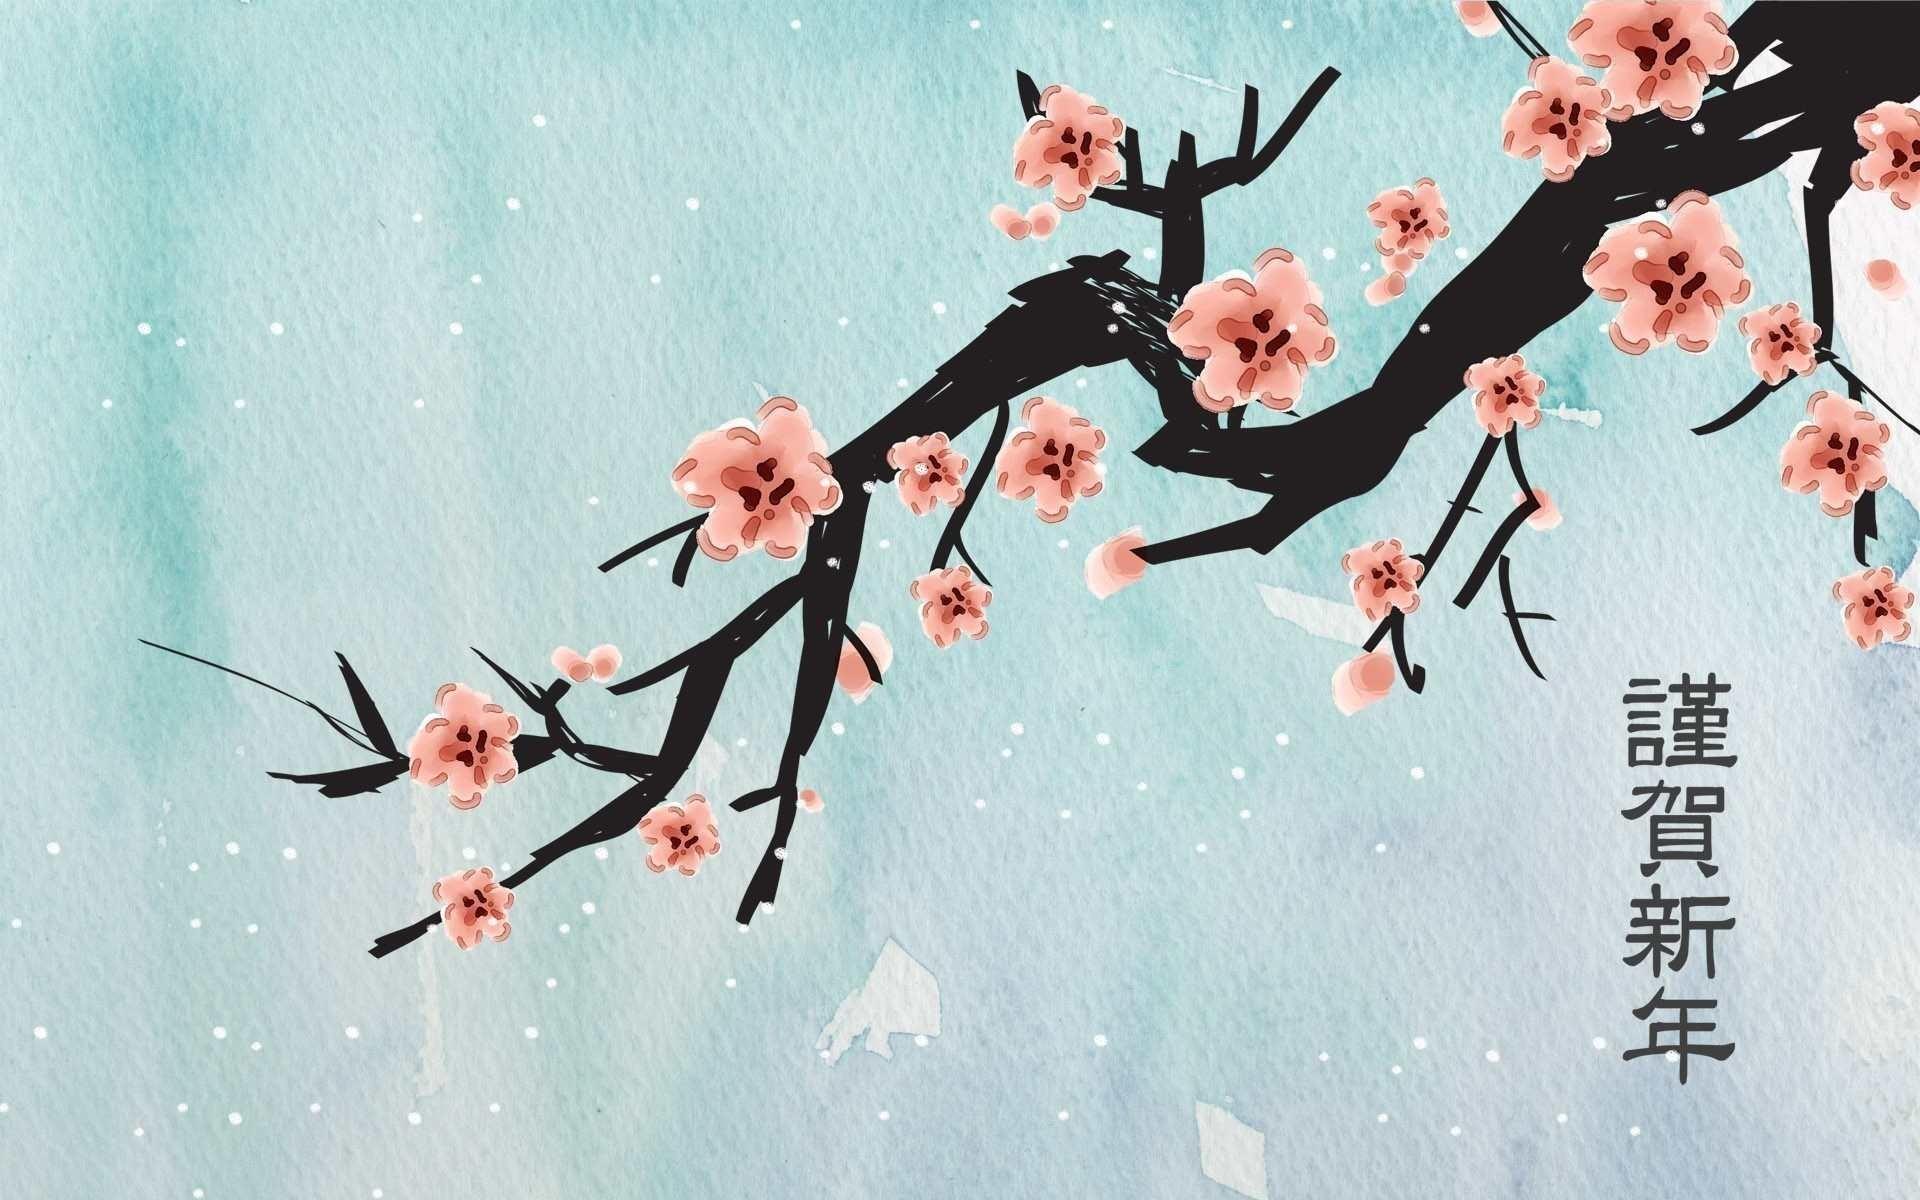 Traditional Japanese Art Wallpaper Phone – Uncalke.com